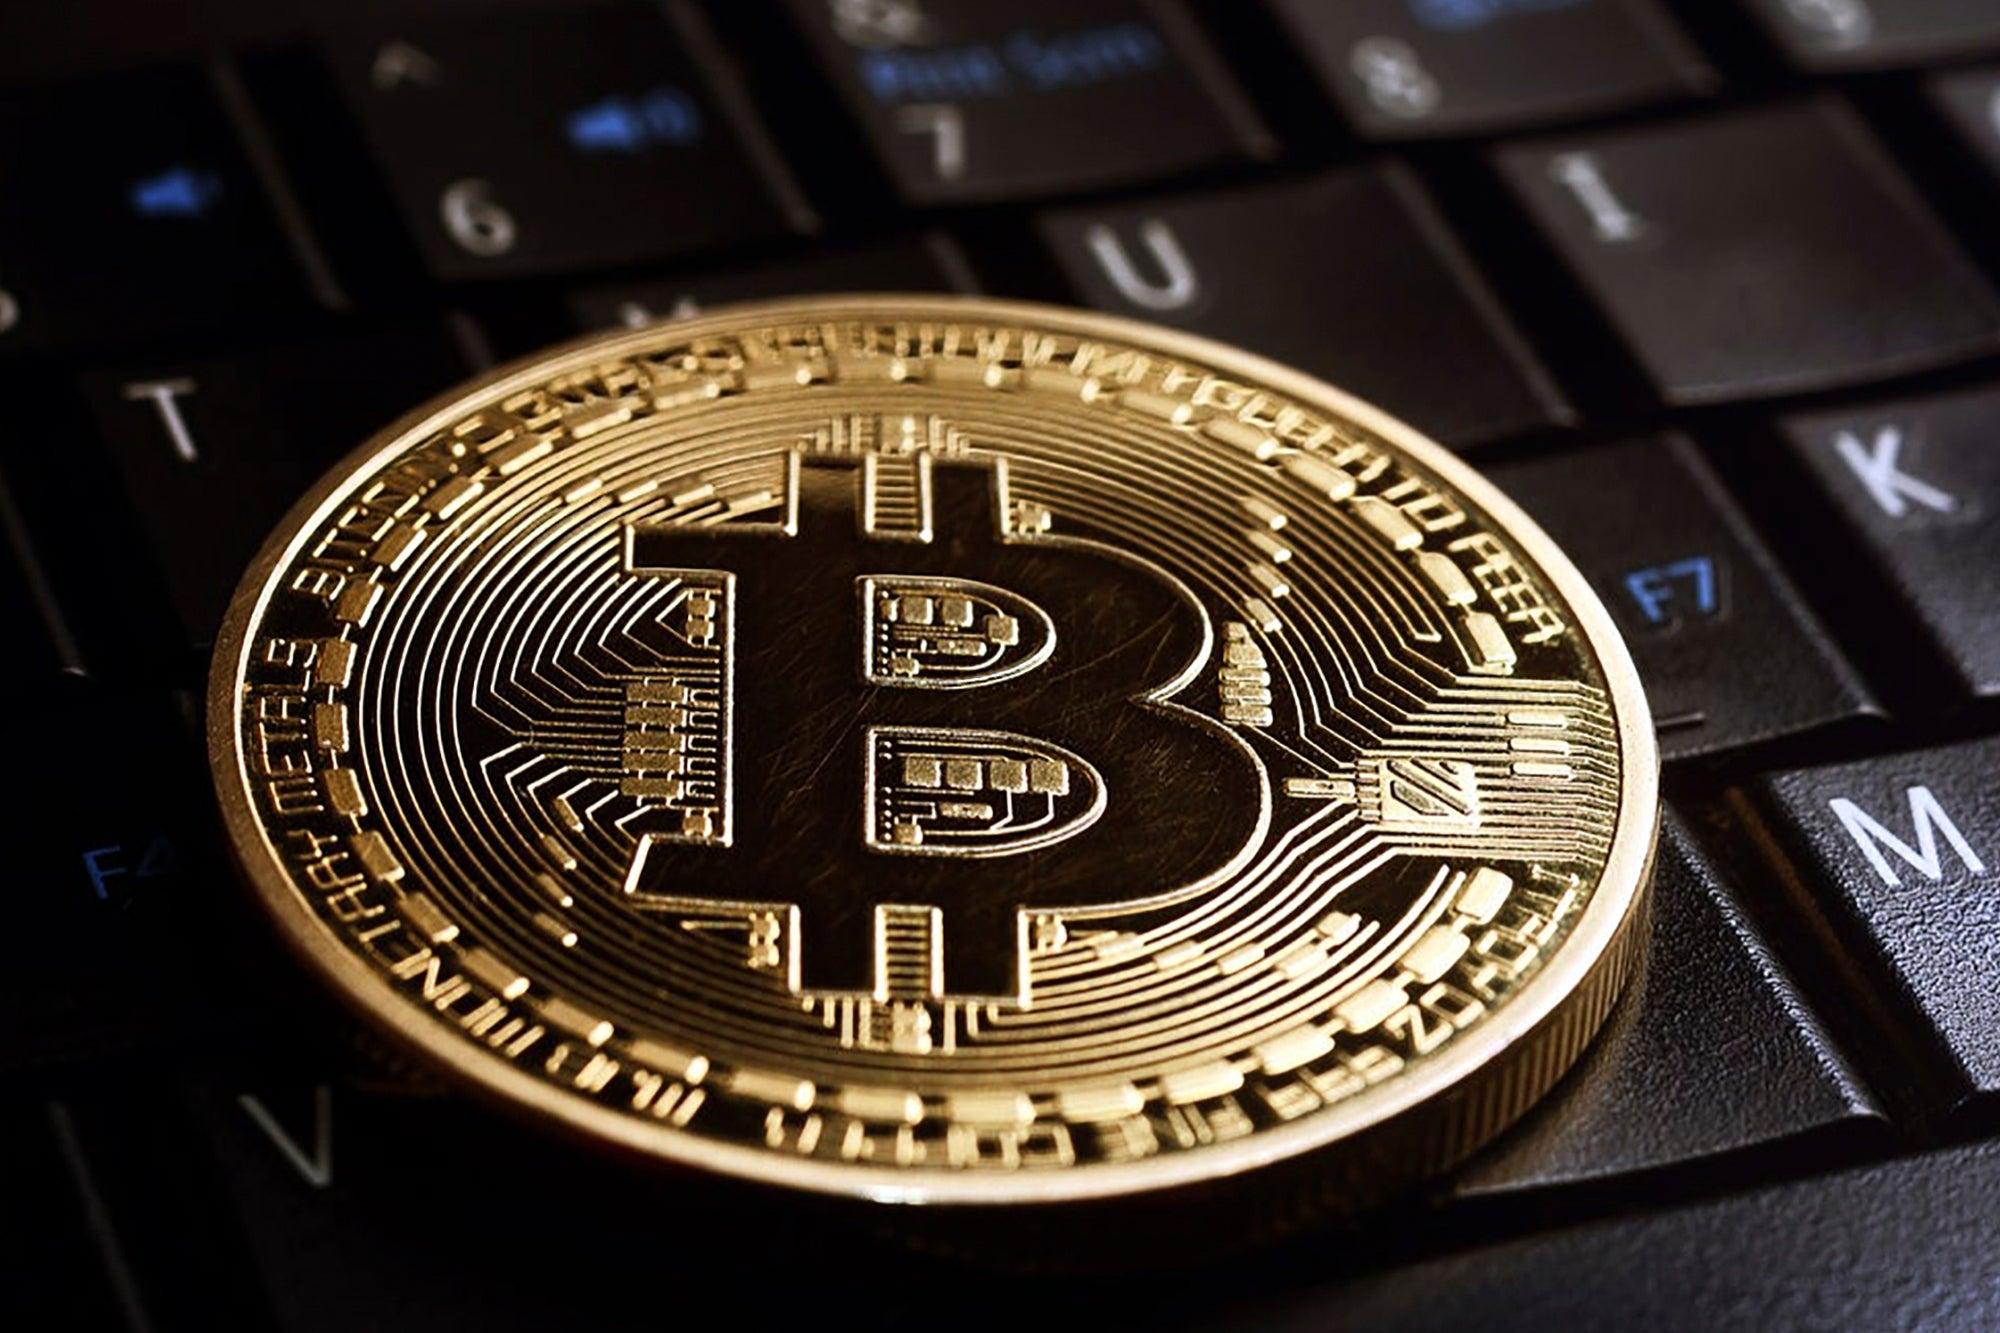 5000 jav dolerių į btc crypto monetų rinkos dangtelio diagrama